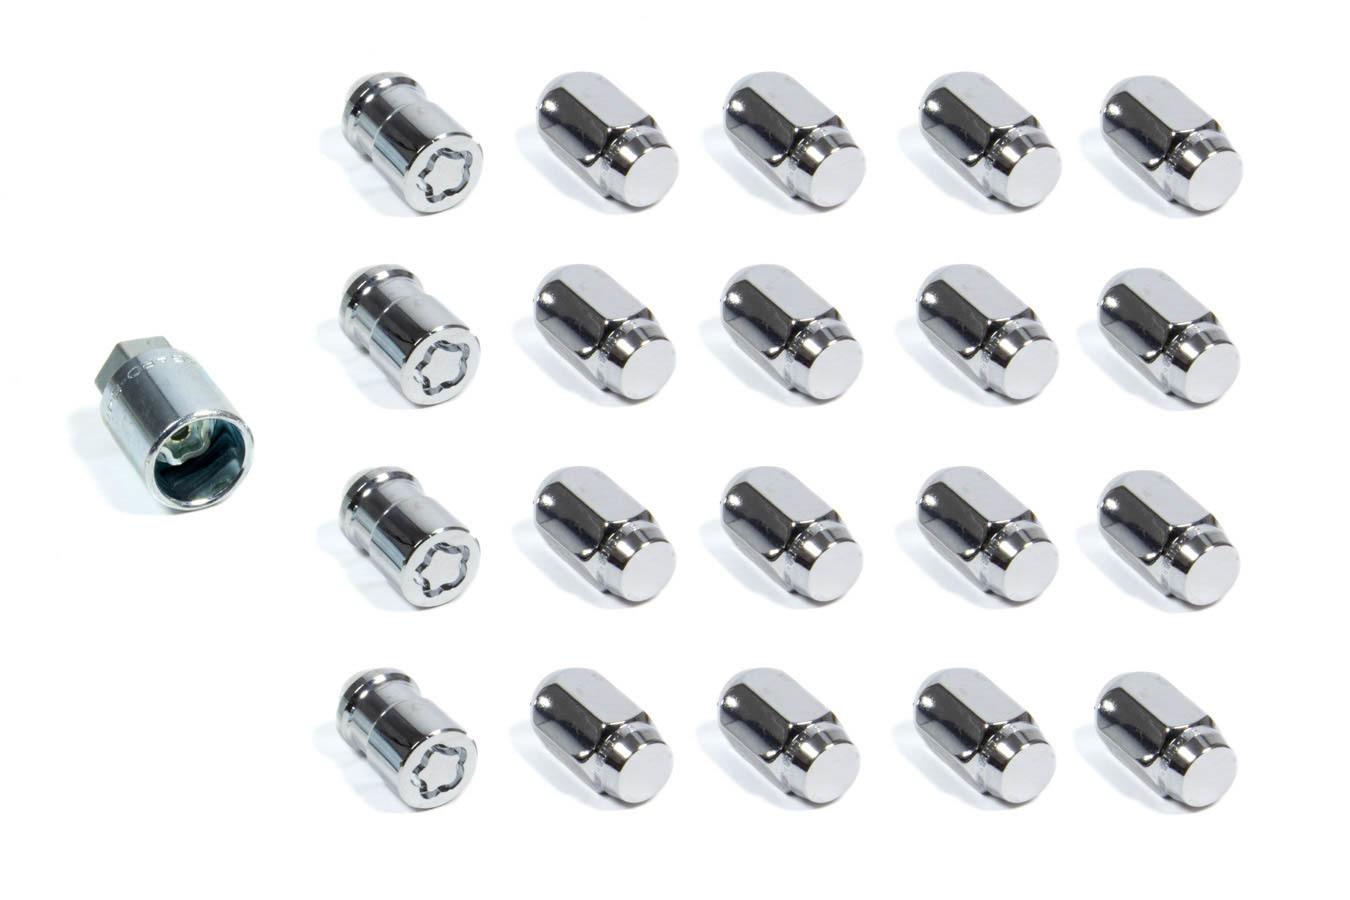 Lug Nut Install Kit 1/2in 5 Lug Kit